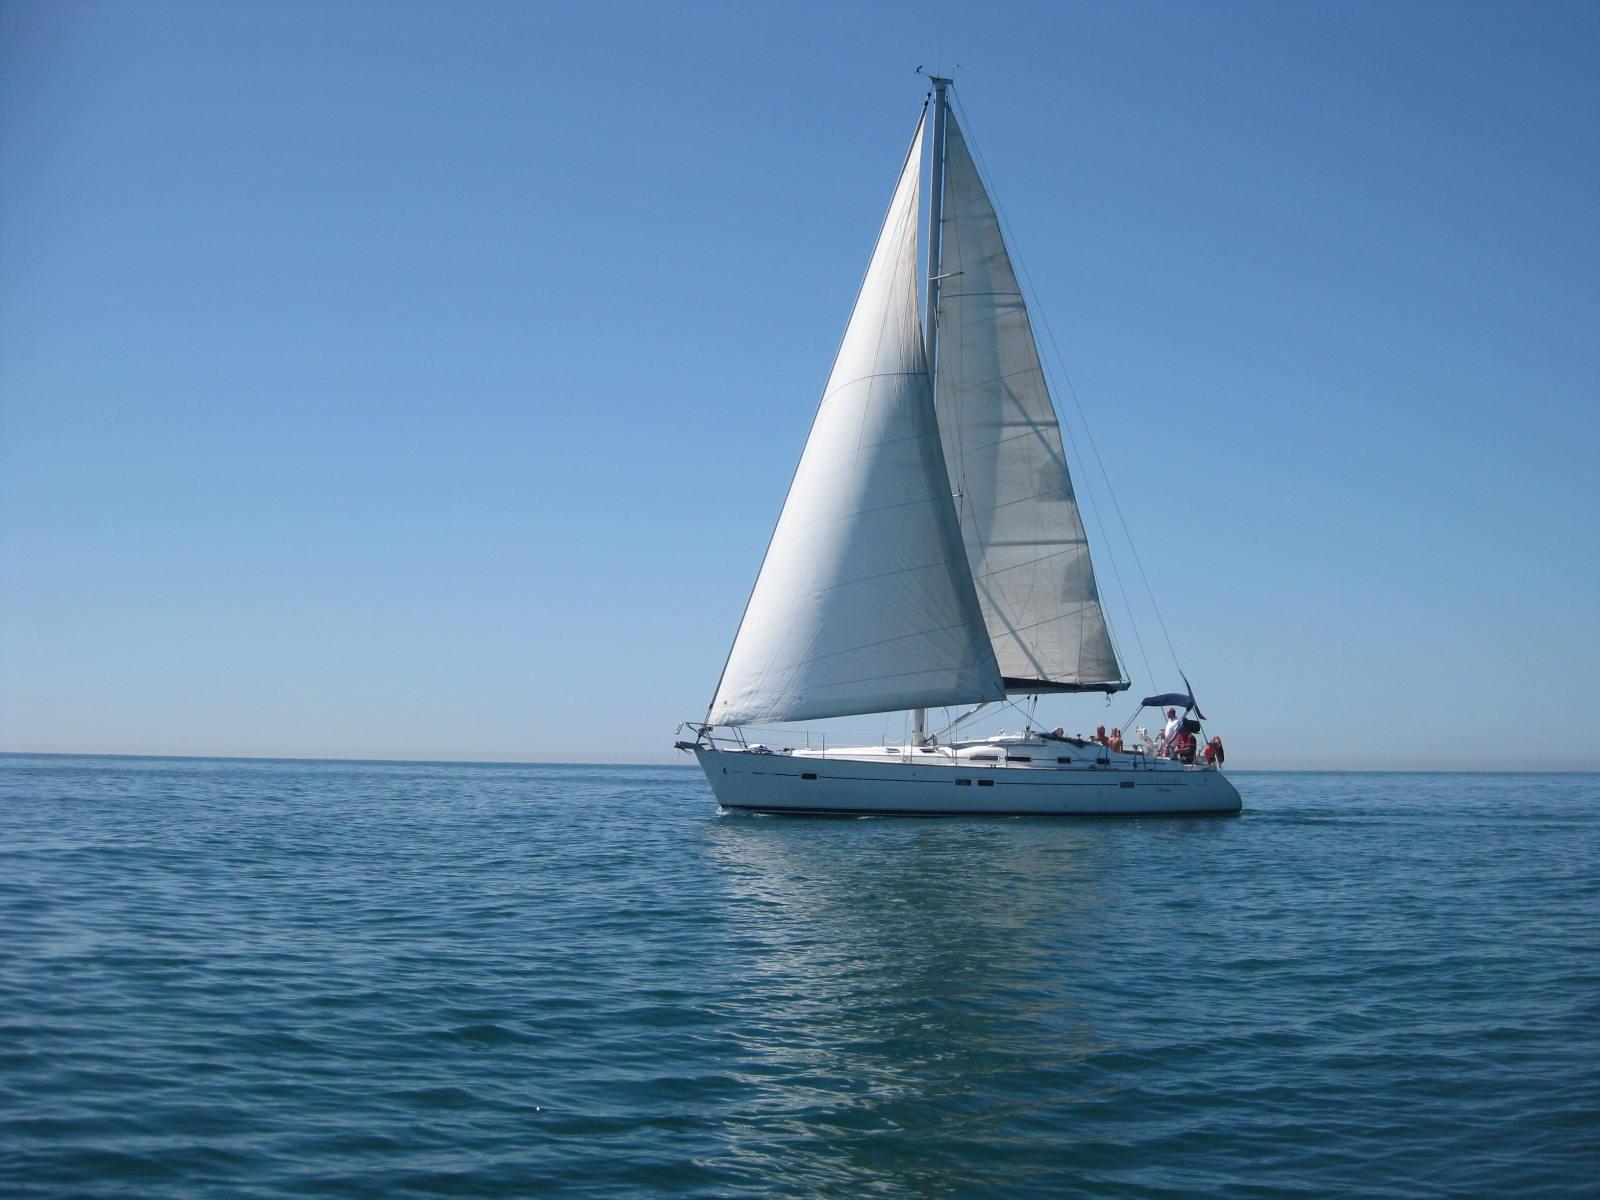 Sail and Fun. Una experiencia náutica de proa a popa